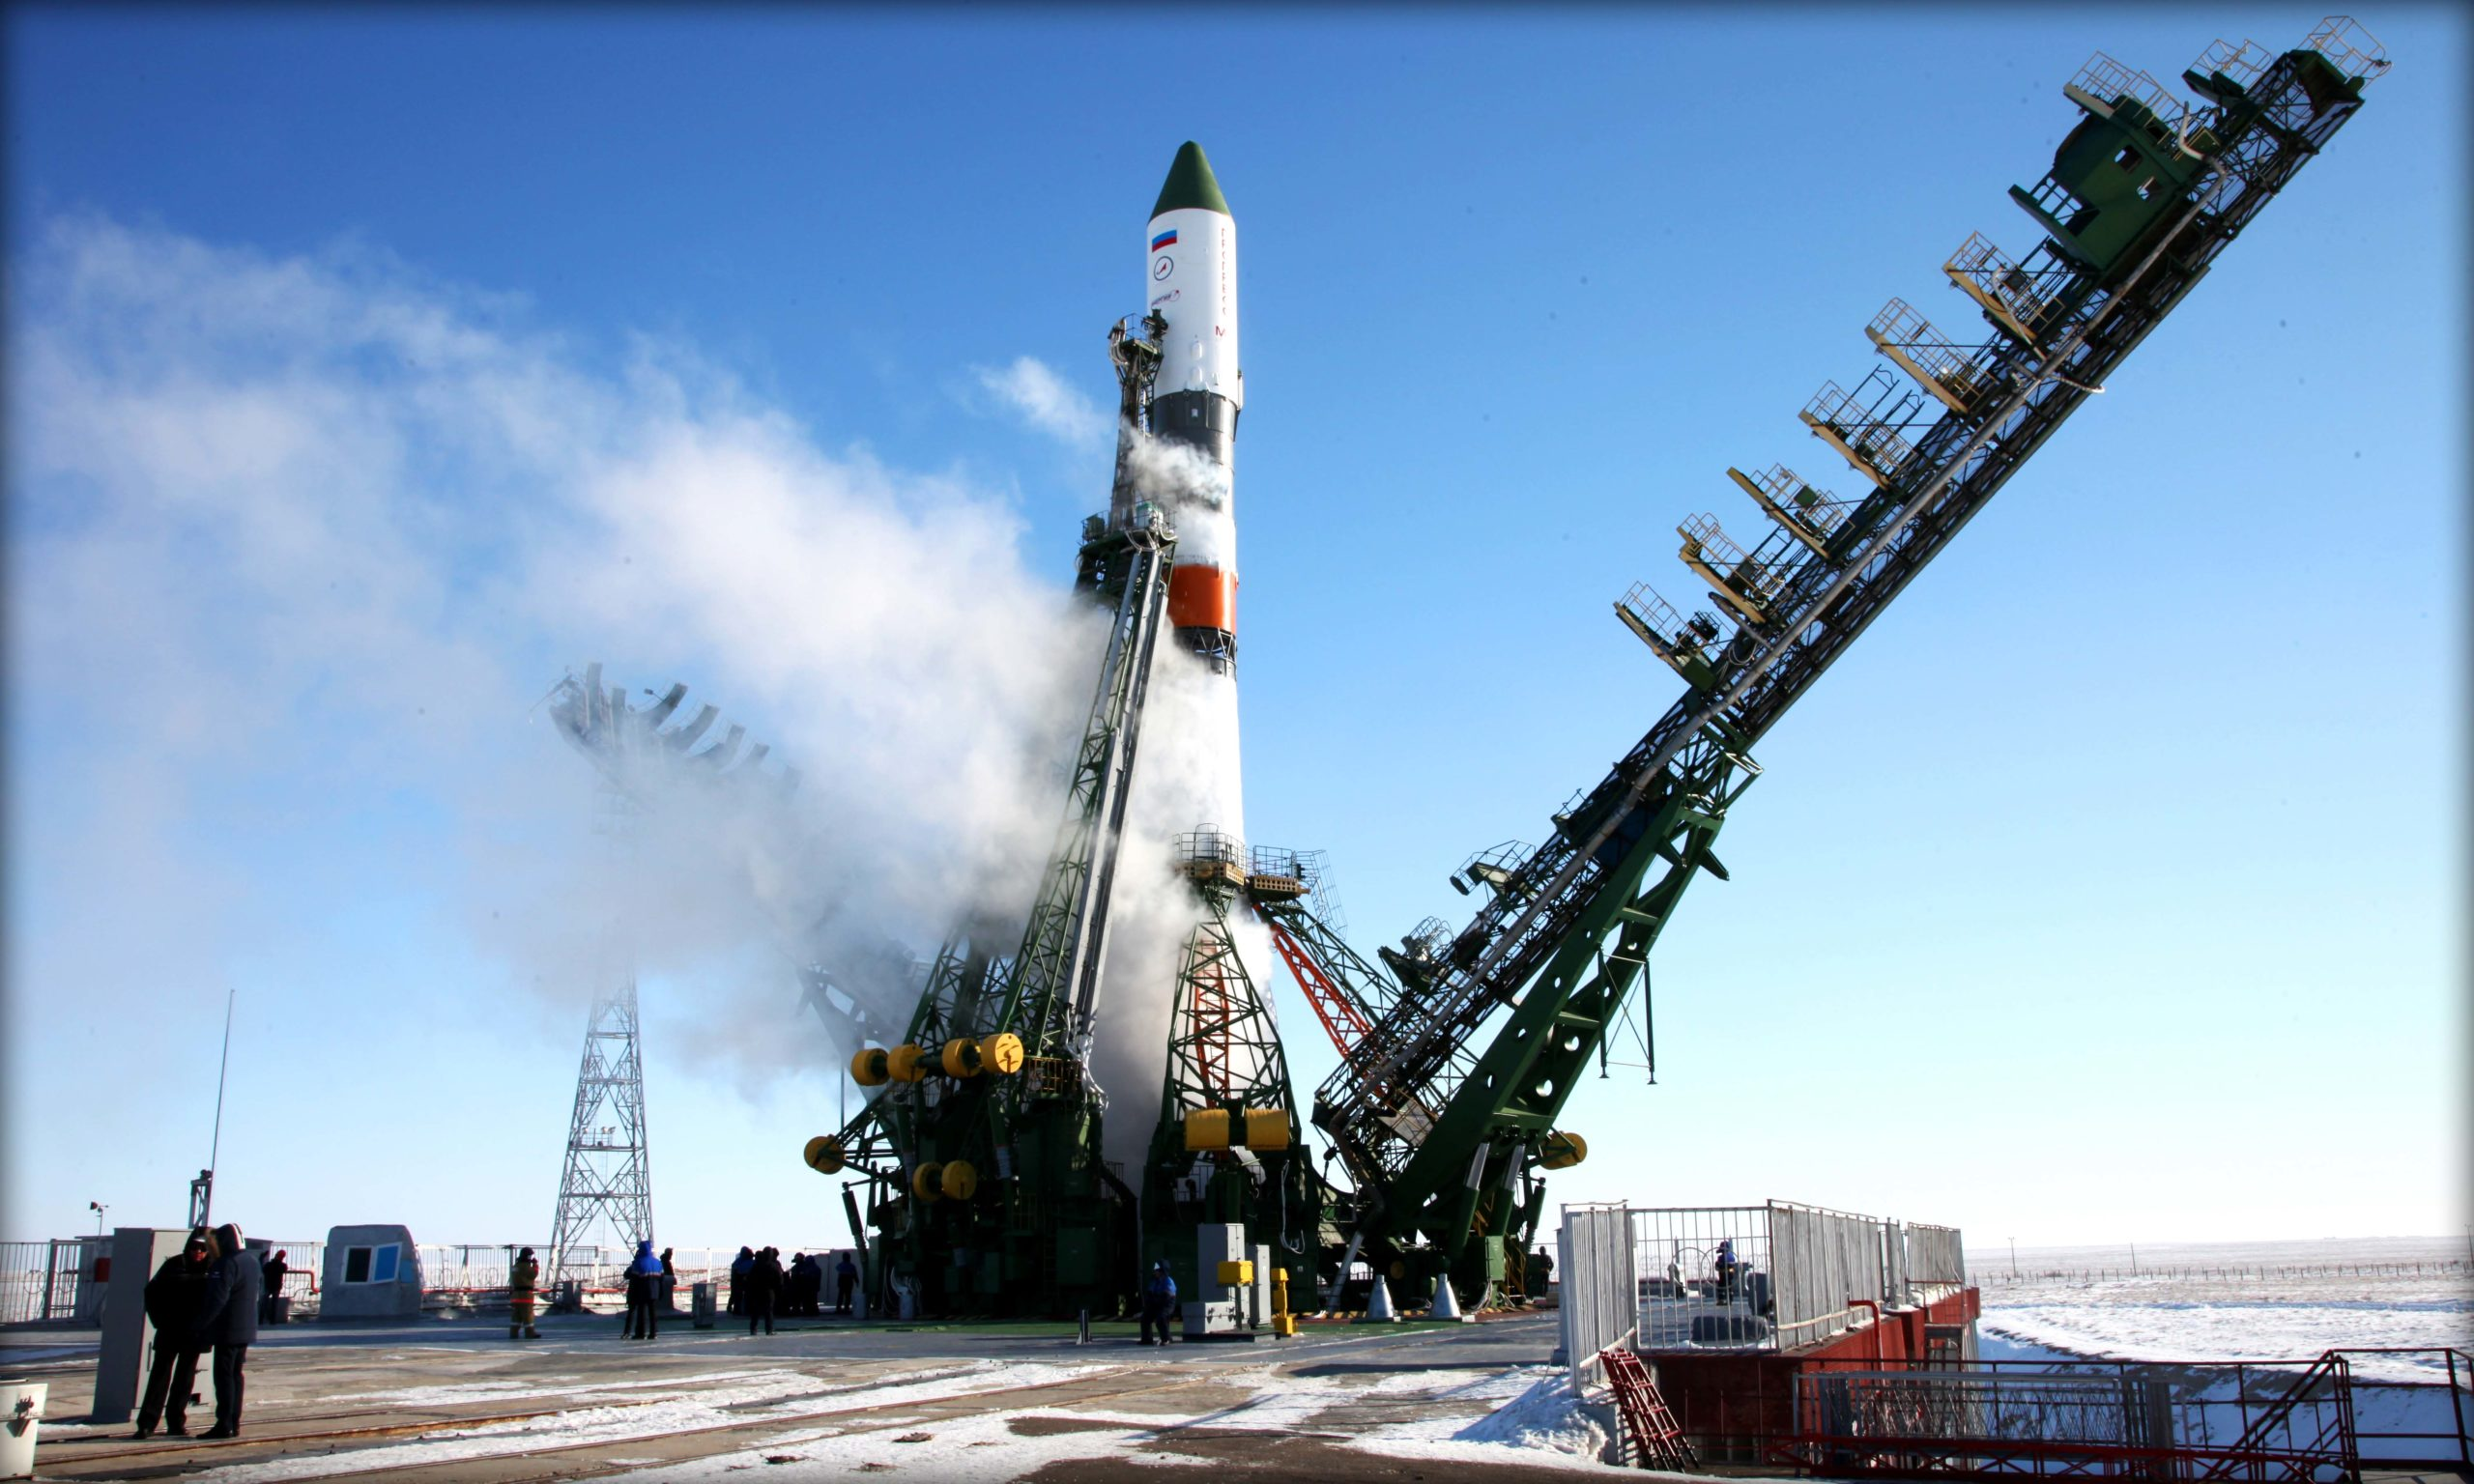 Что за дым выходит из ракеты перед стартом?